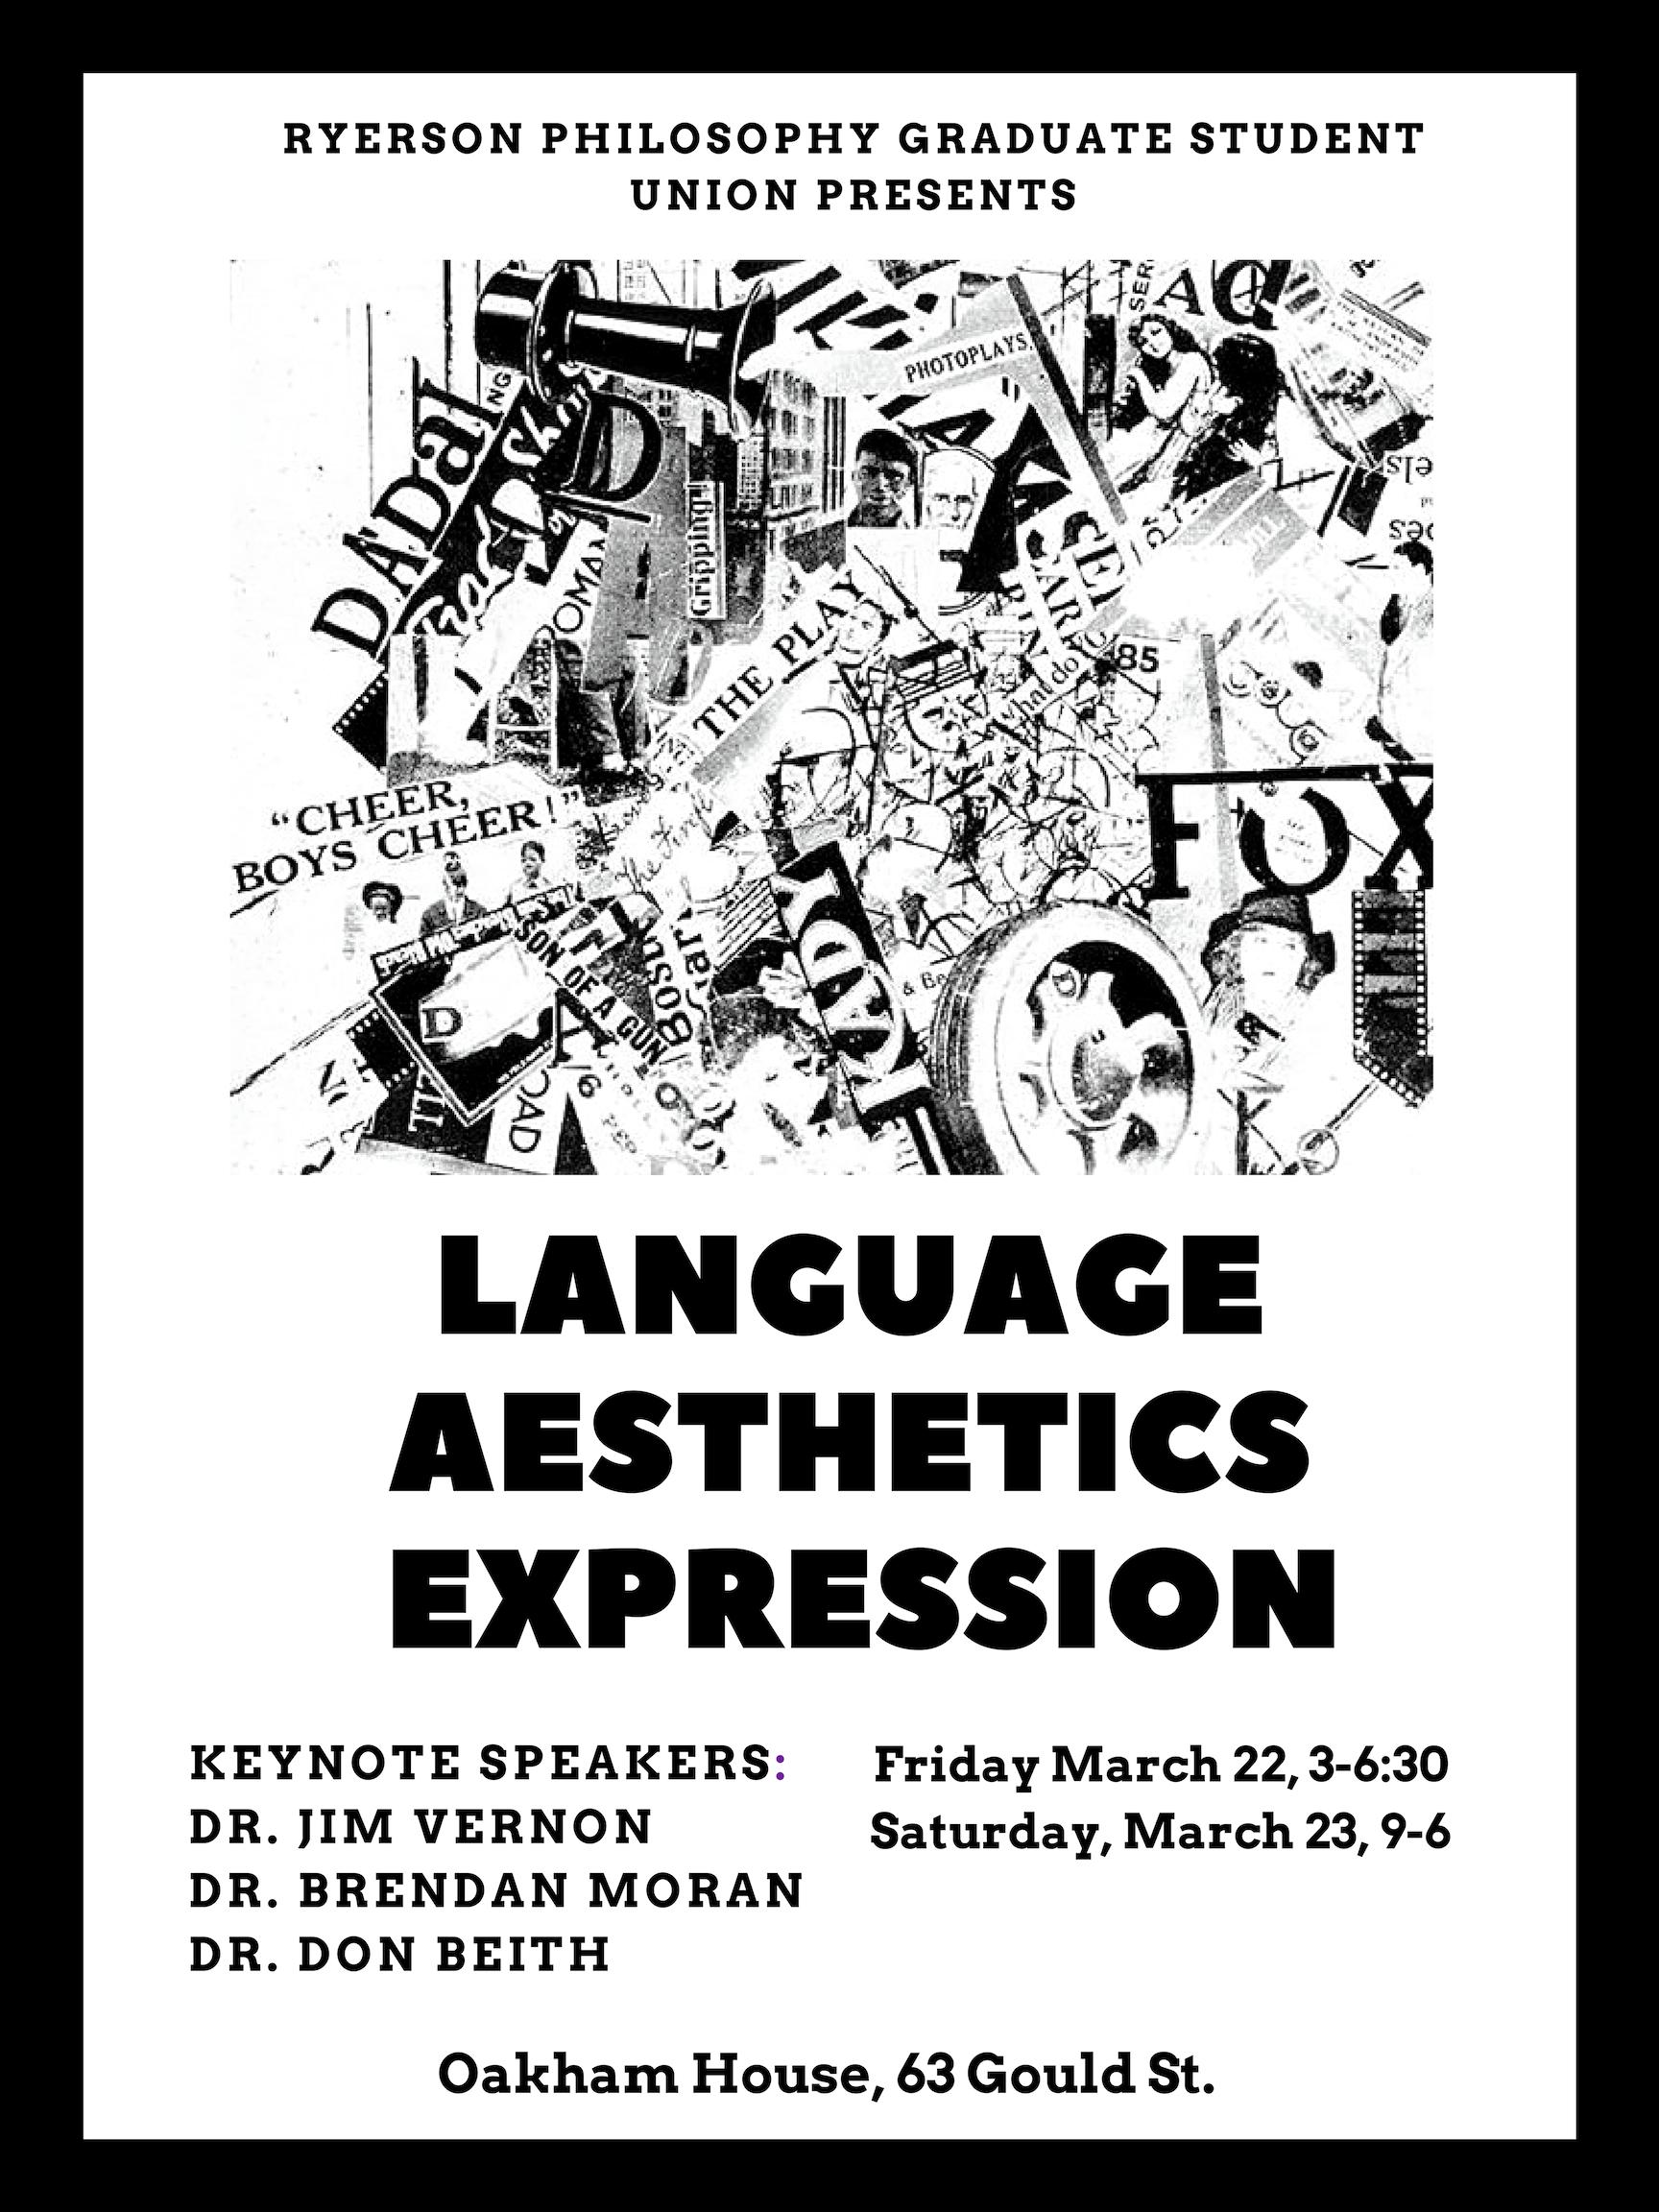 Language Aesthetics Expression 2019